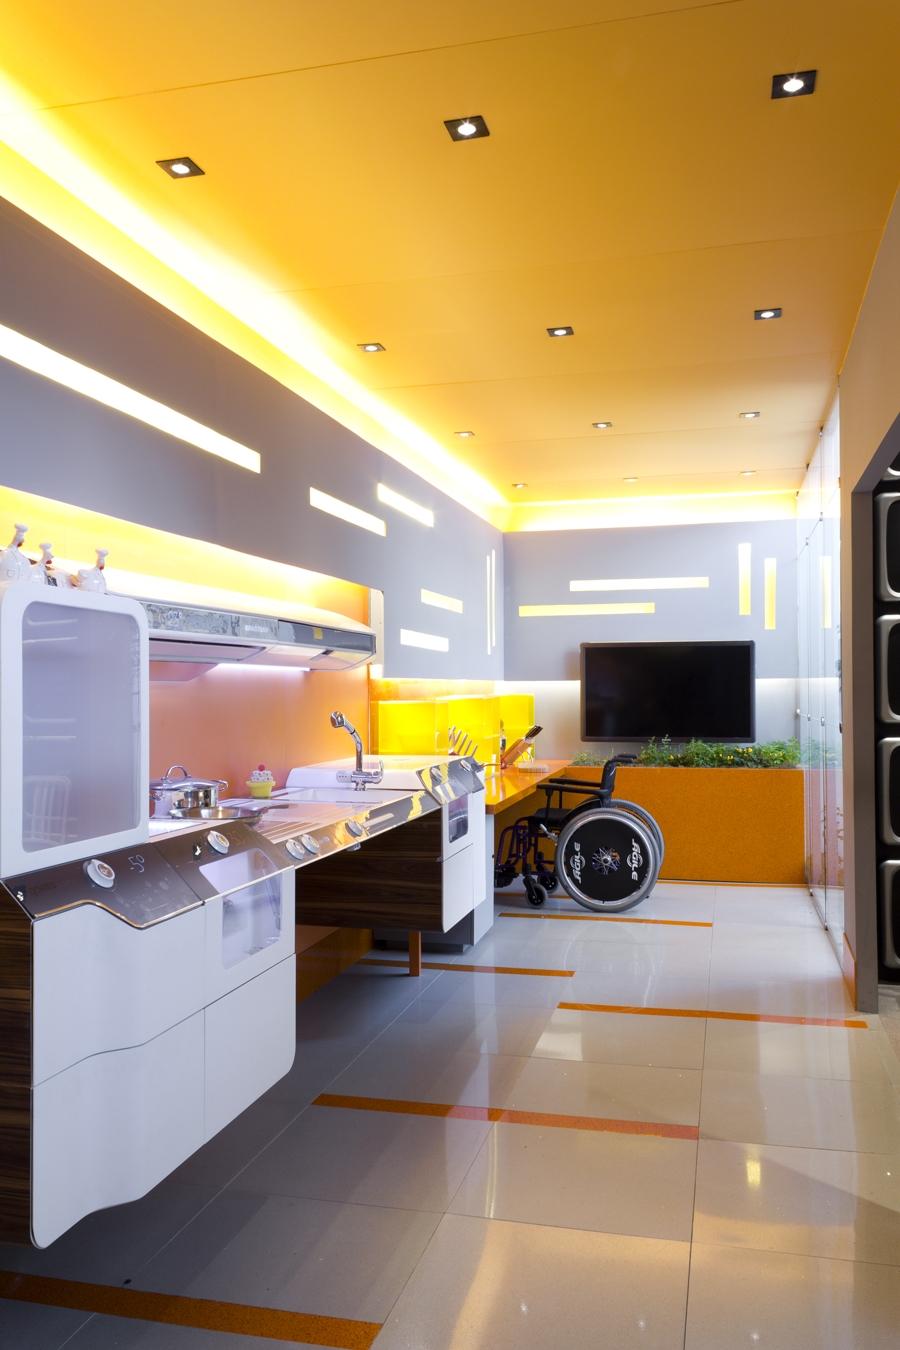 Cozinha Futurista Do Bgourmet Usa Ilumina O Led Guia